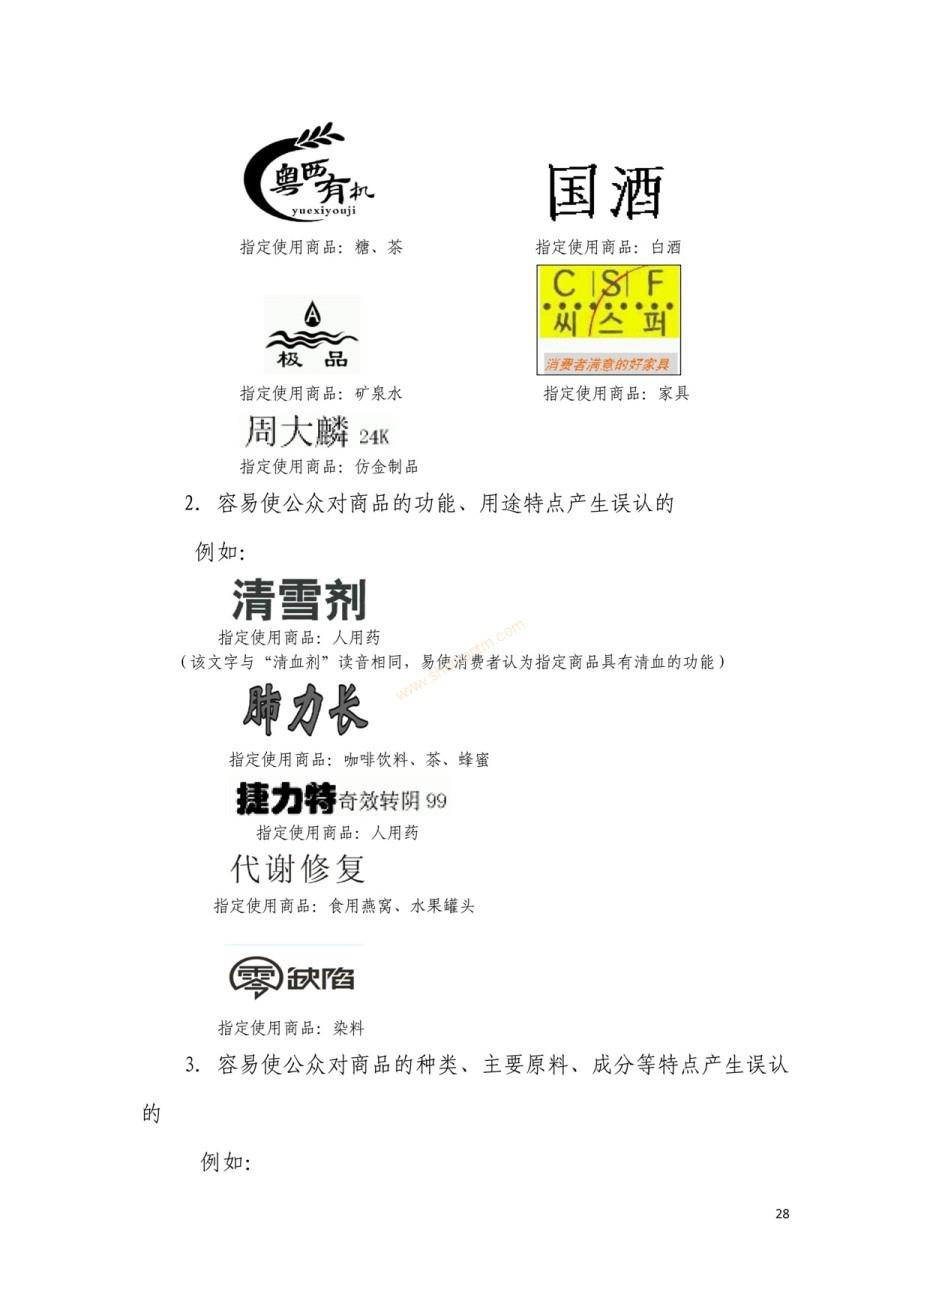 商标审查及审理标准2016版_页面_028